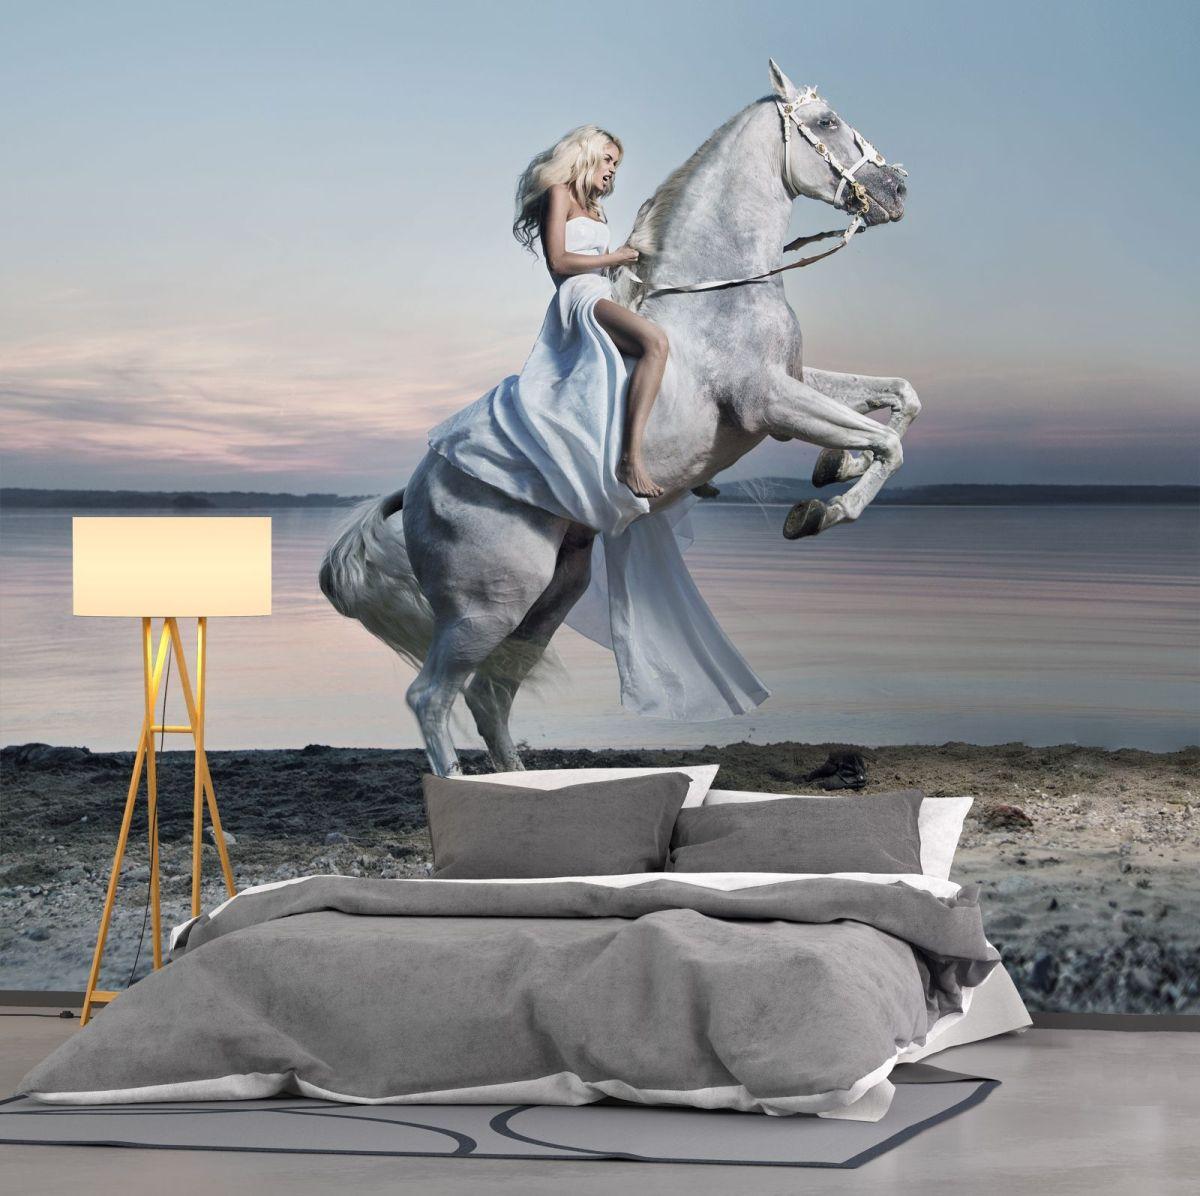 fototapeta kobieta na koniu